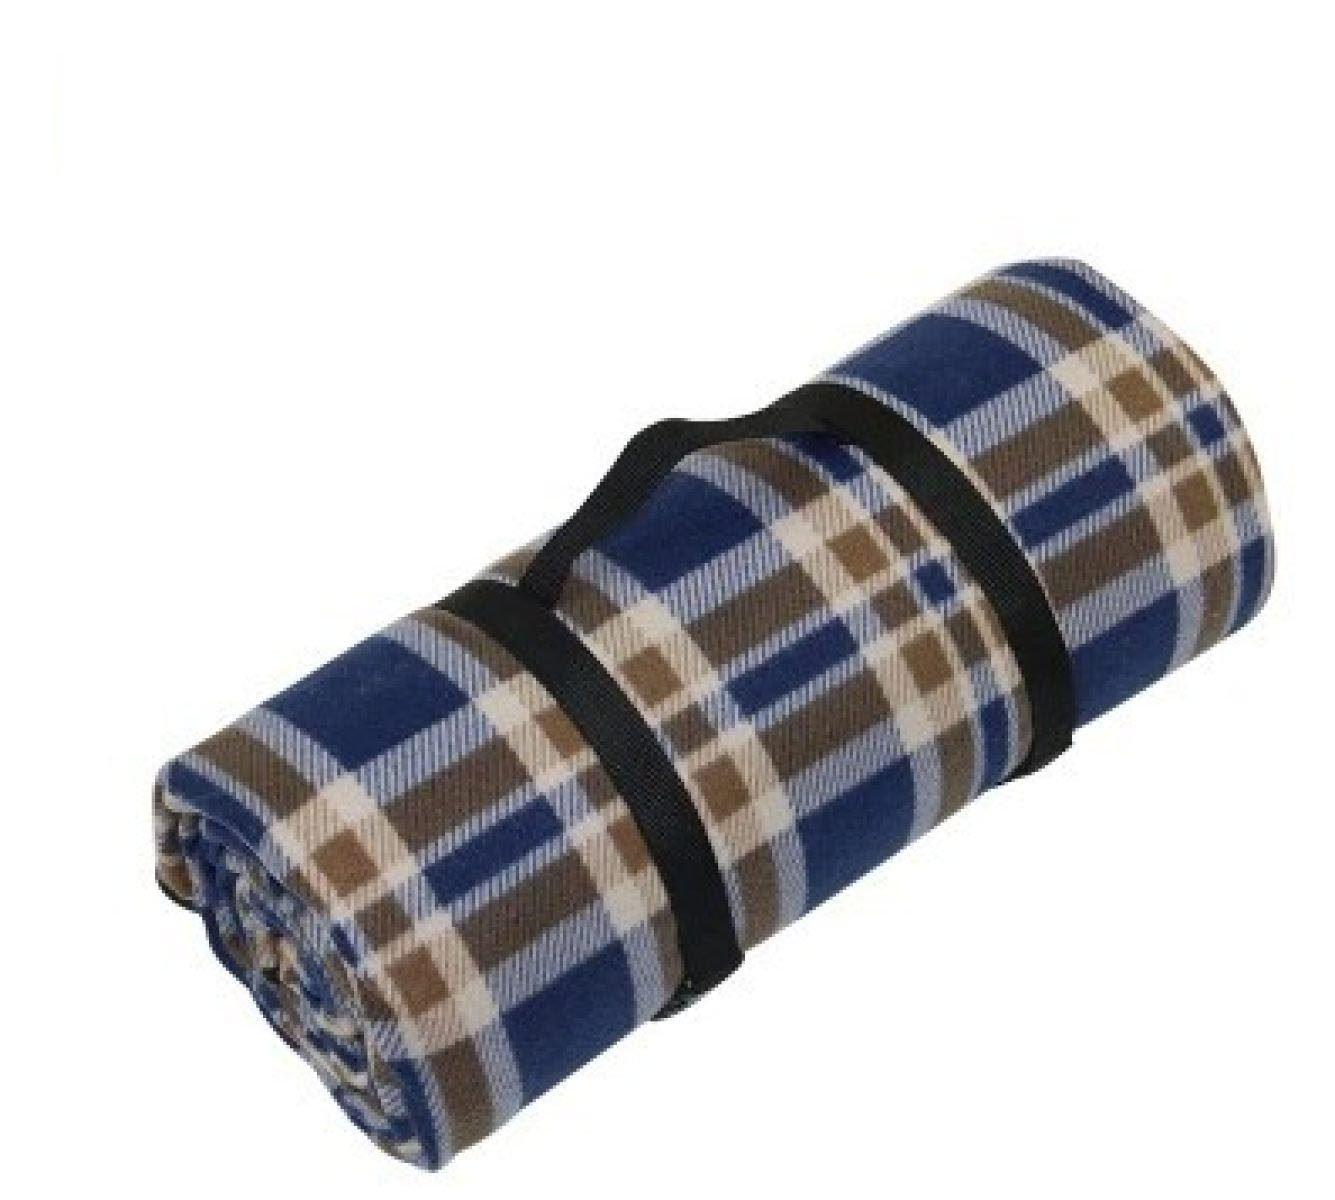 Outdoor Dicker Tragbar Wasserdicht Wildleder Feuchtigkeit Picknickdecke Camping Decken 200 * 180cm